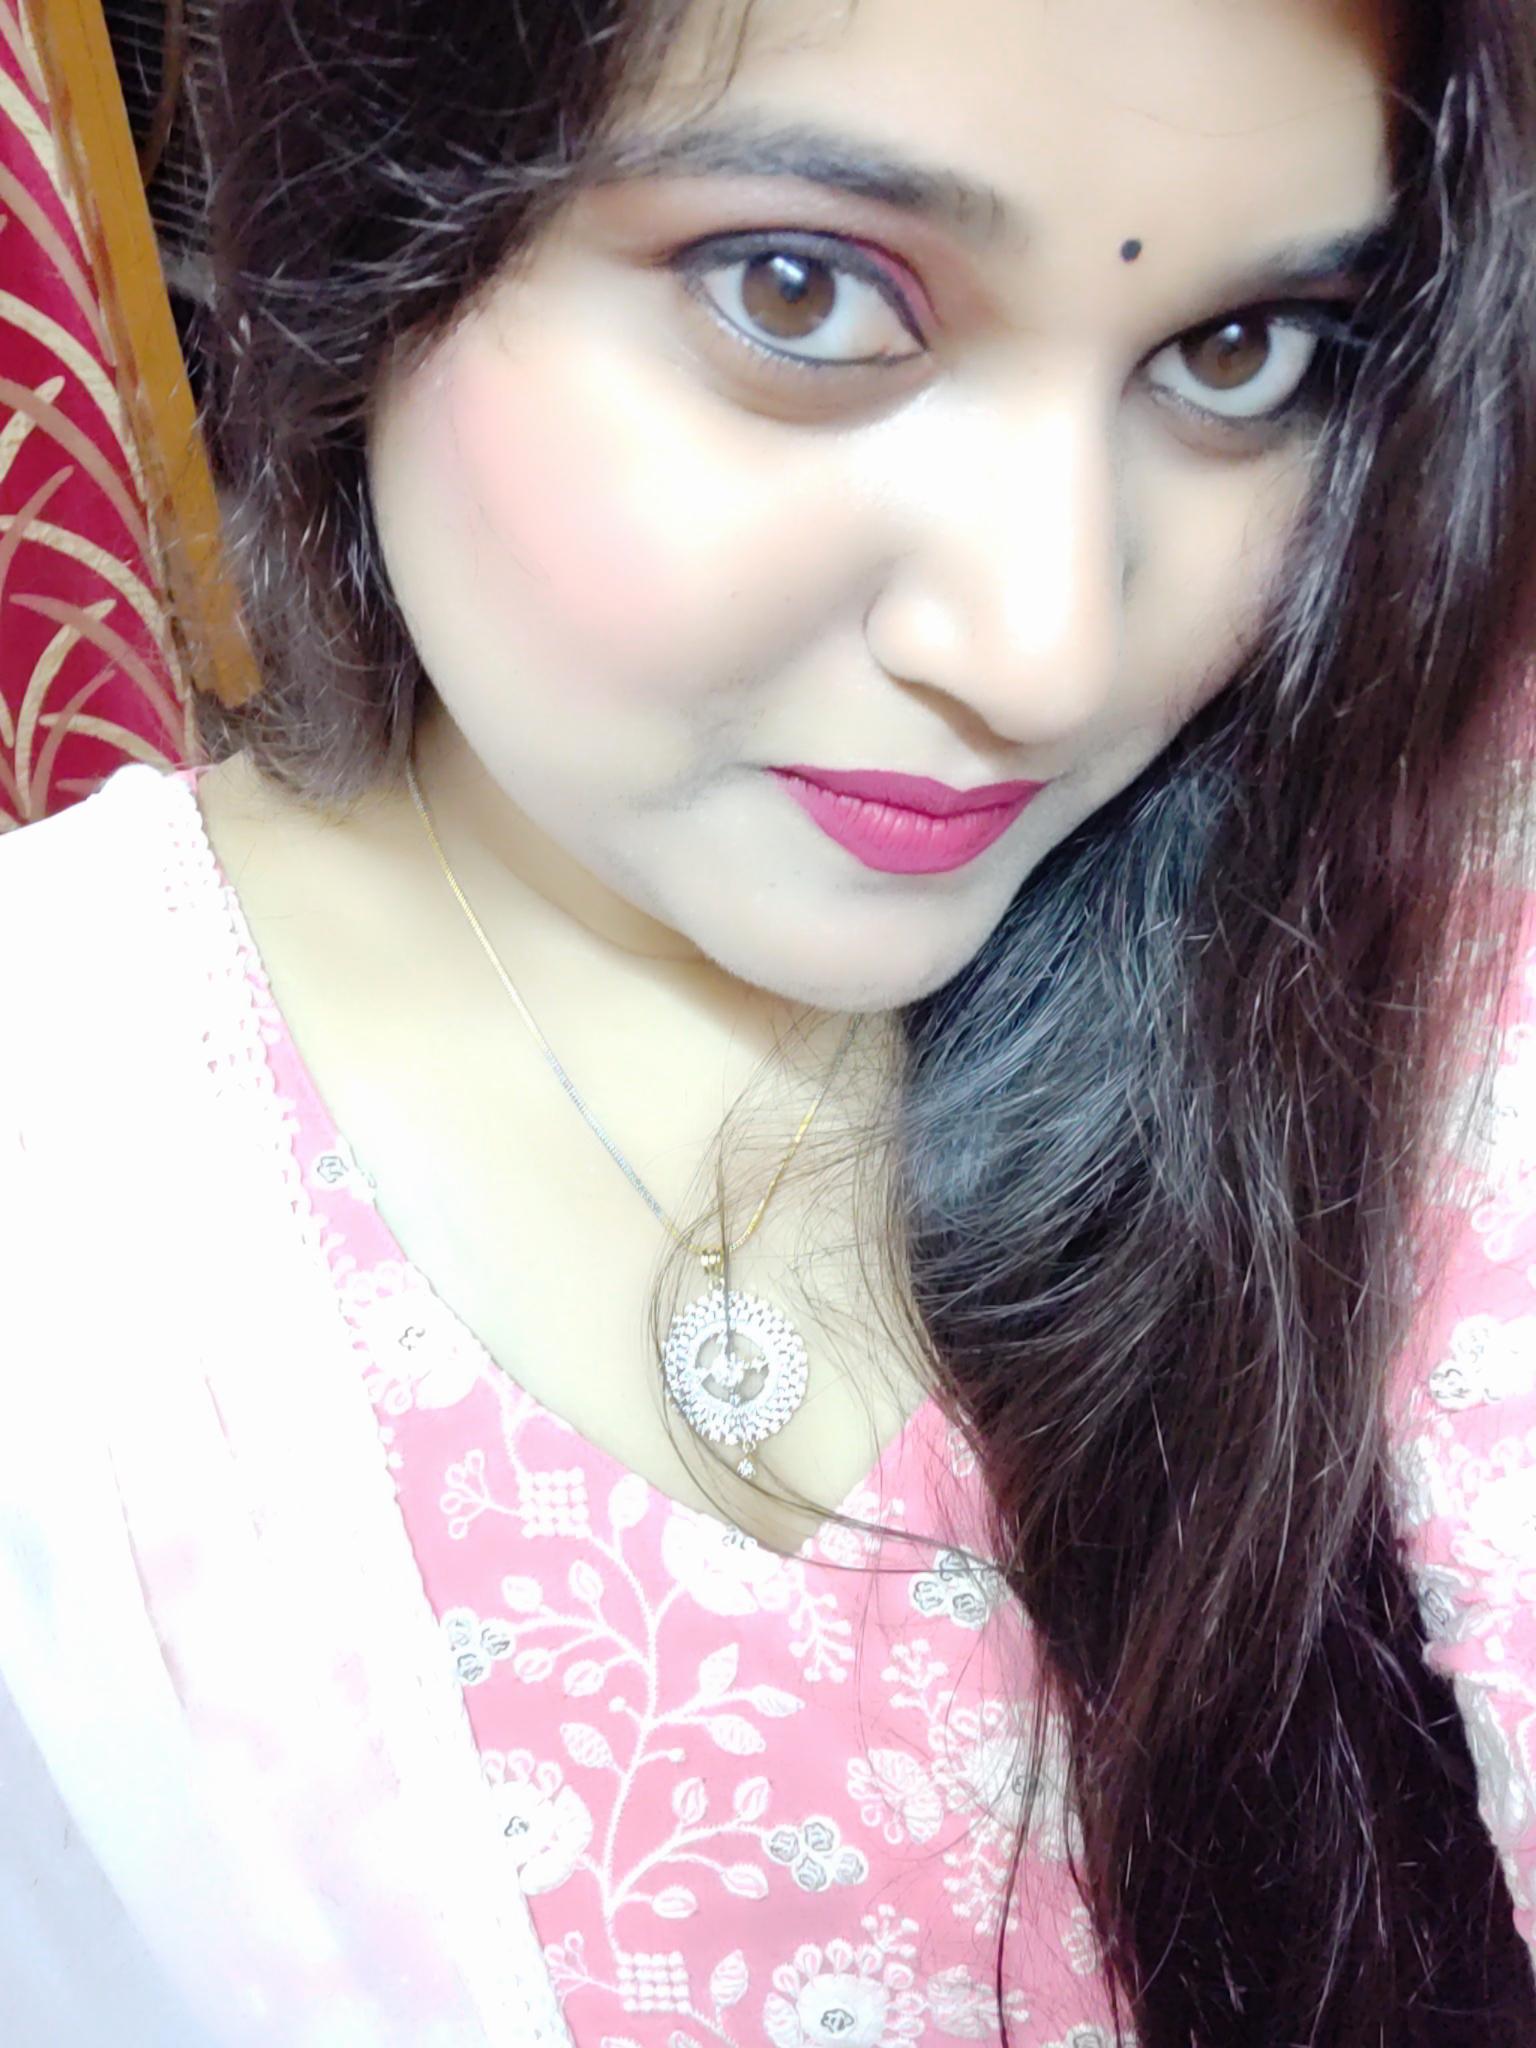 Kritika mathur singer, Delhi NCR   talentrack